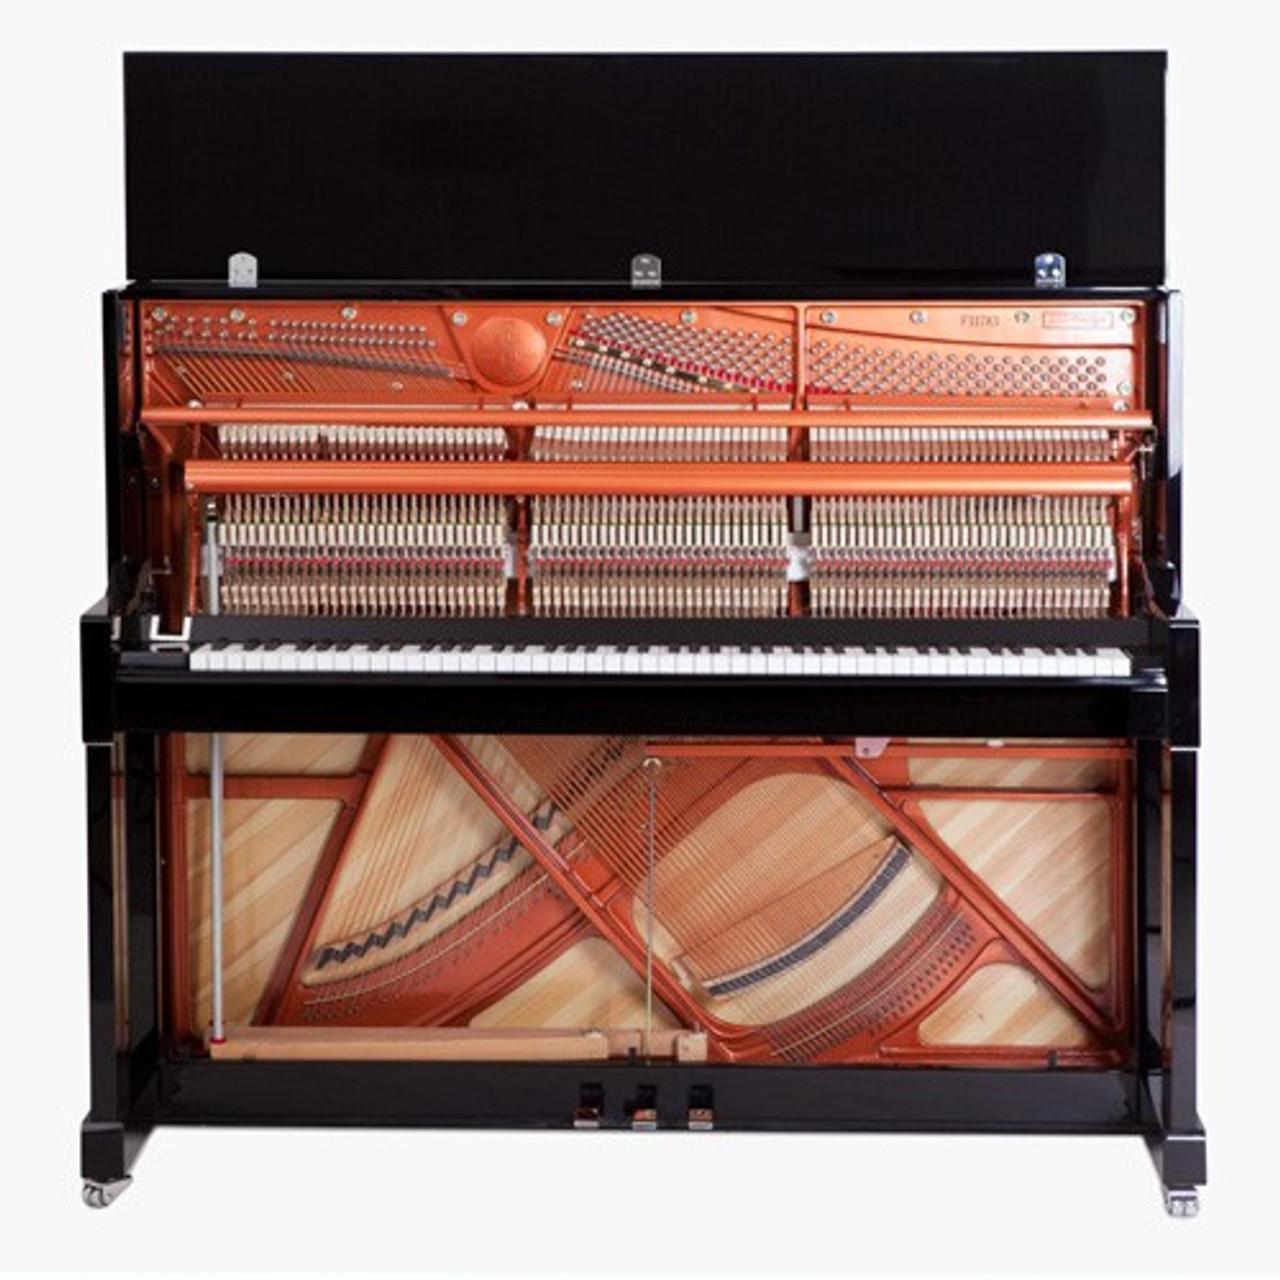 Feurich 125 Design Internal